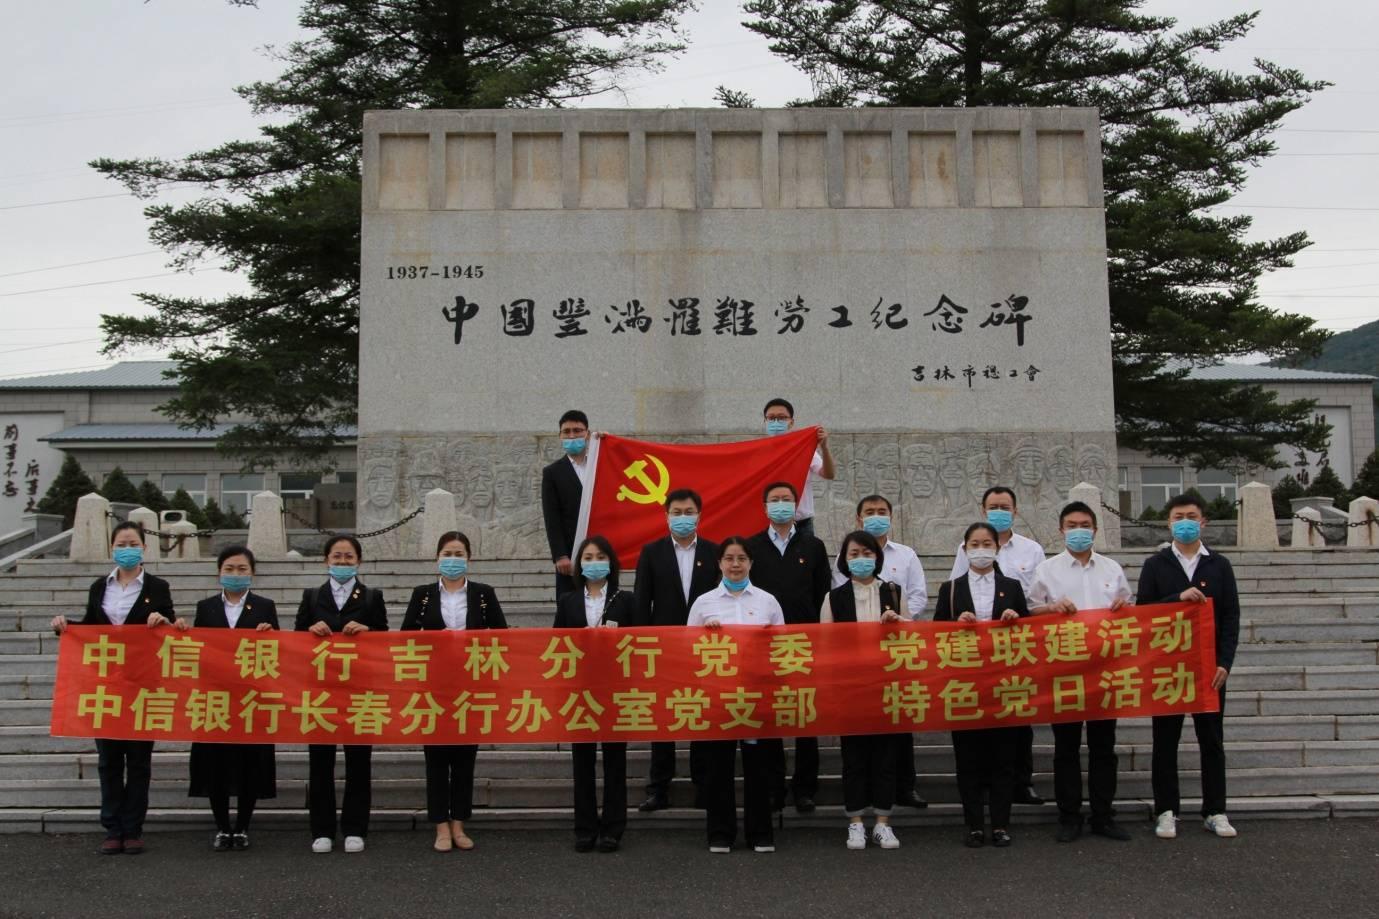 吉林市劳工纪念馆 重新对外开放(图)_手机网易网